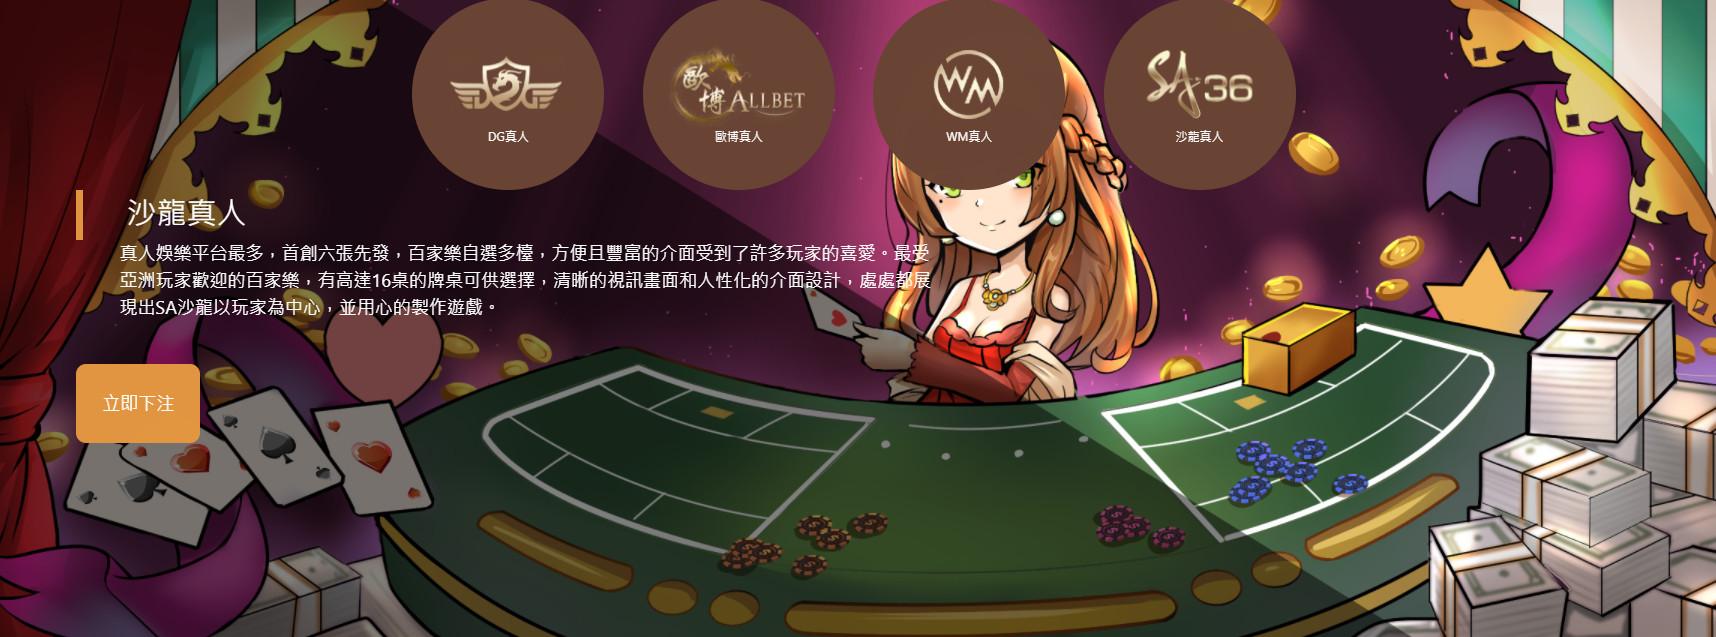 百家樂,體育博彩,虛擬體育,電子遊戲,彩票遊戲,棋牌遊戲,589百家樂,589體育博彩,589虛擬體育,589電子遊戲,589彩票遊戲,589棋牌遊戲